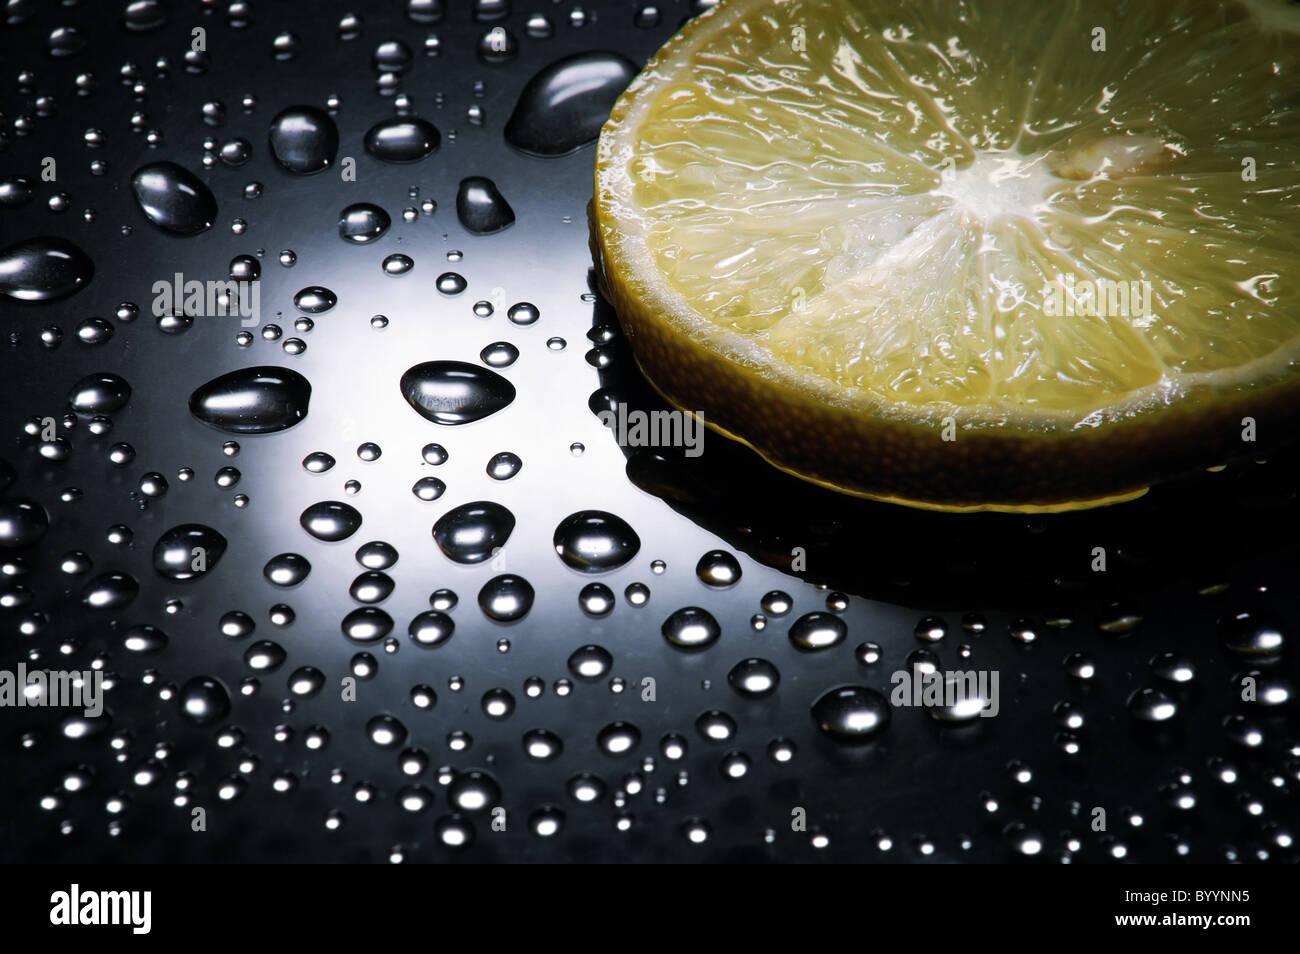 Zitronenscheibe, Wassertropfen, dramatische Beleuchtung, vertikal Stockbild